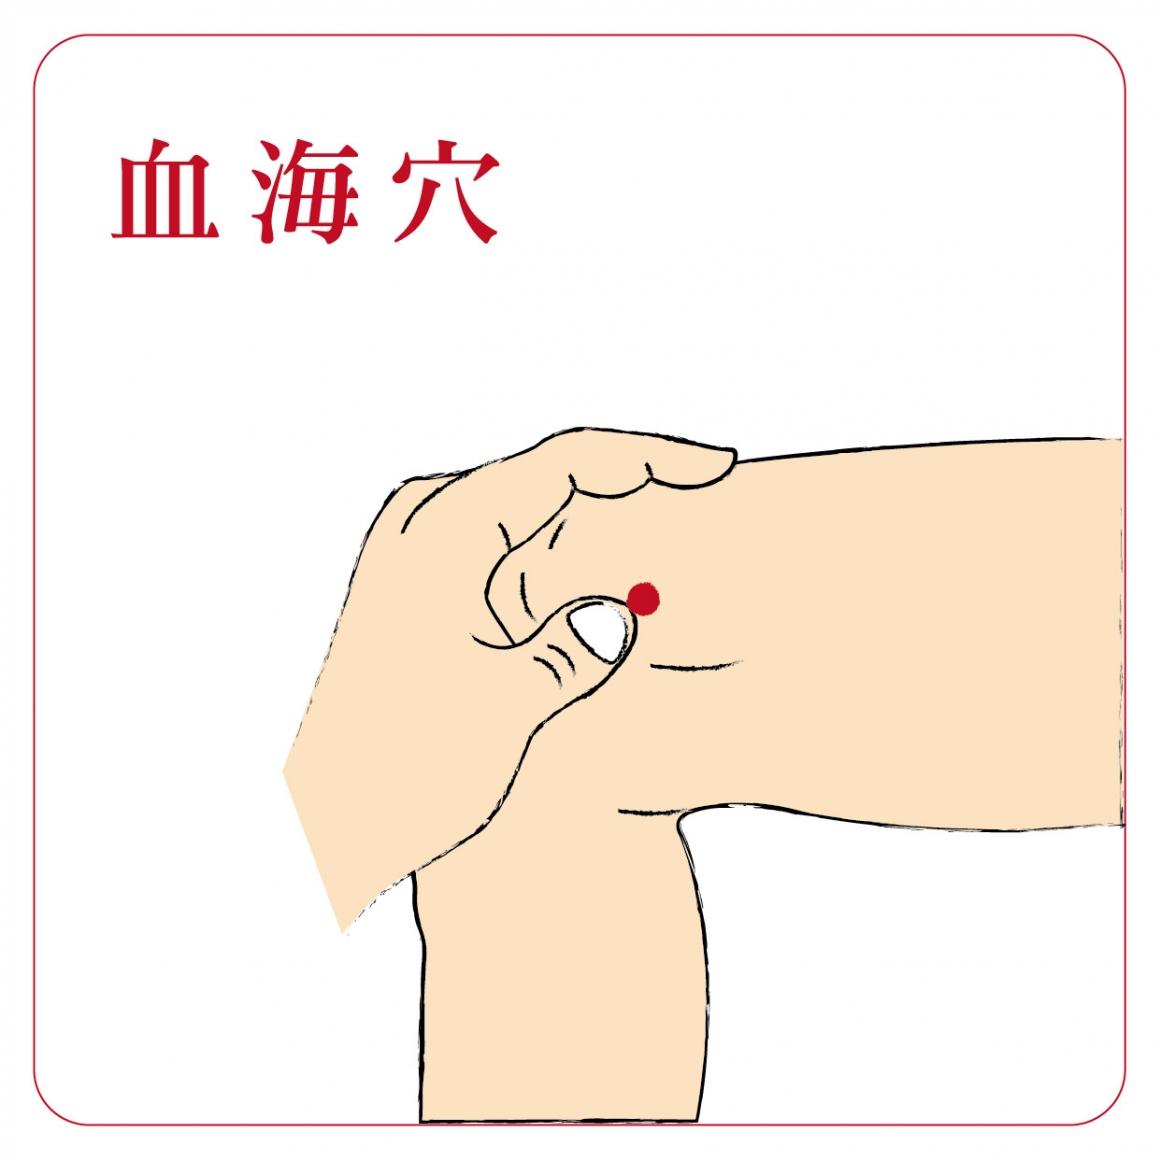 性 子宮 出血 機能